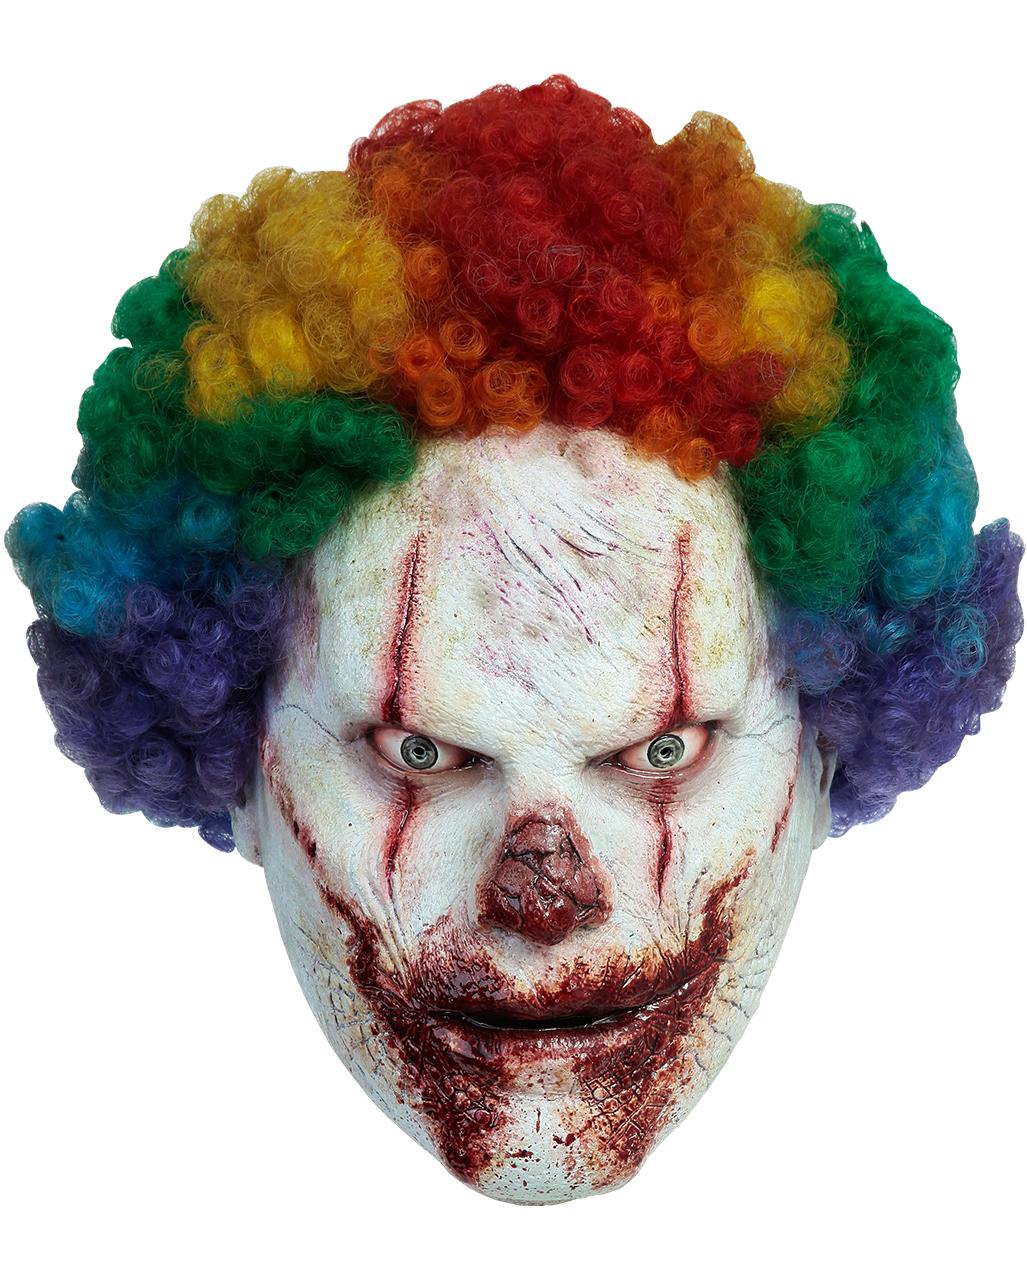 wie kommt man Kunden zuerst suche nach original Slaughterhouse Clown Maske